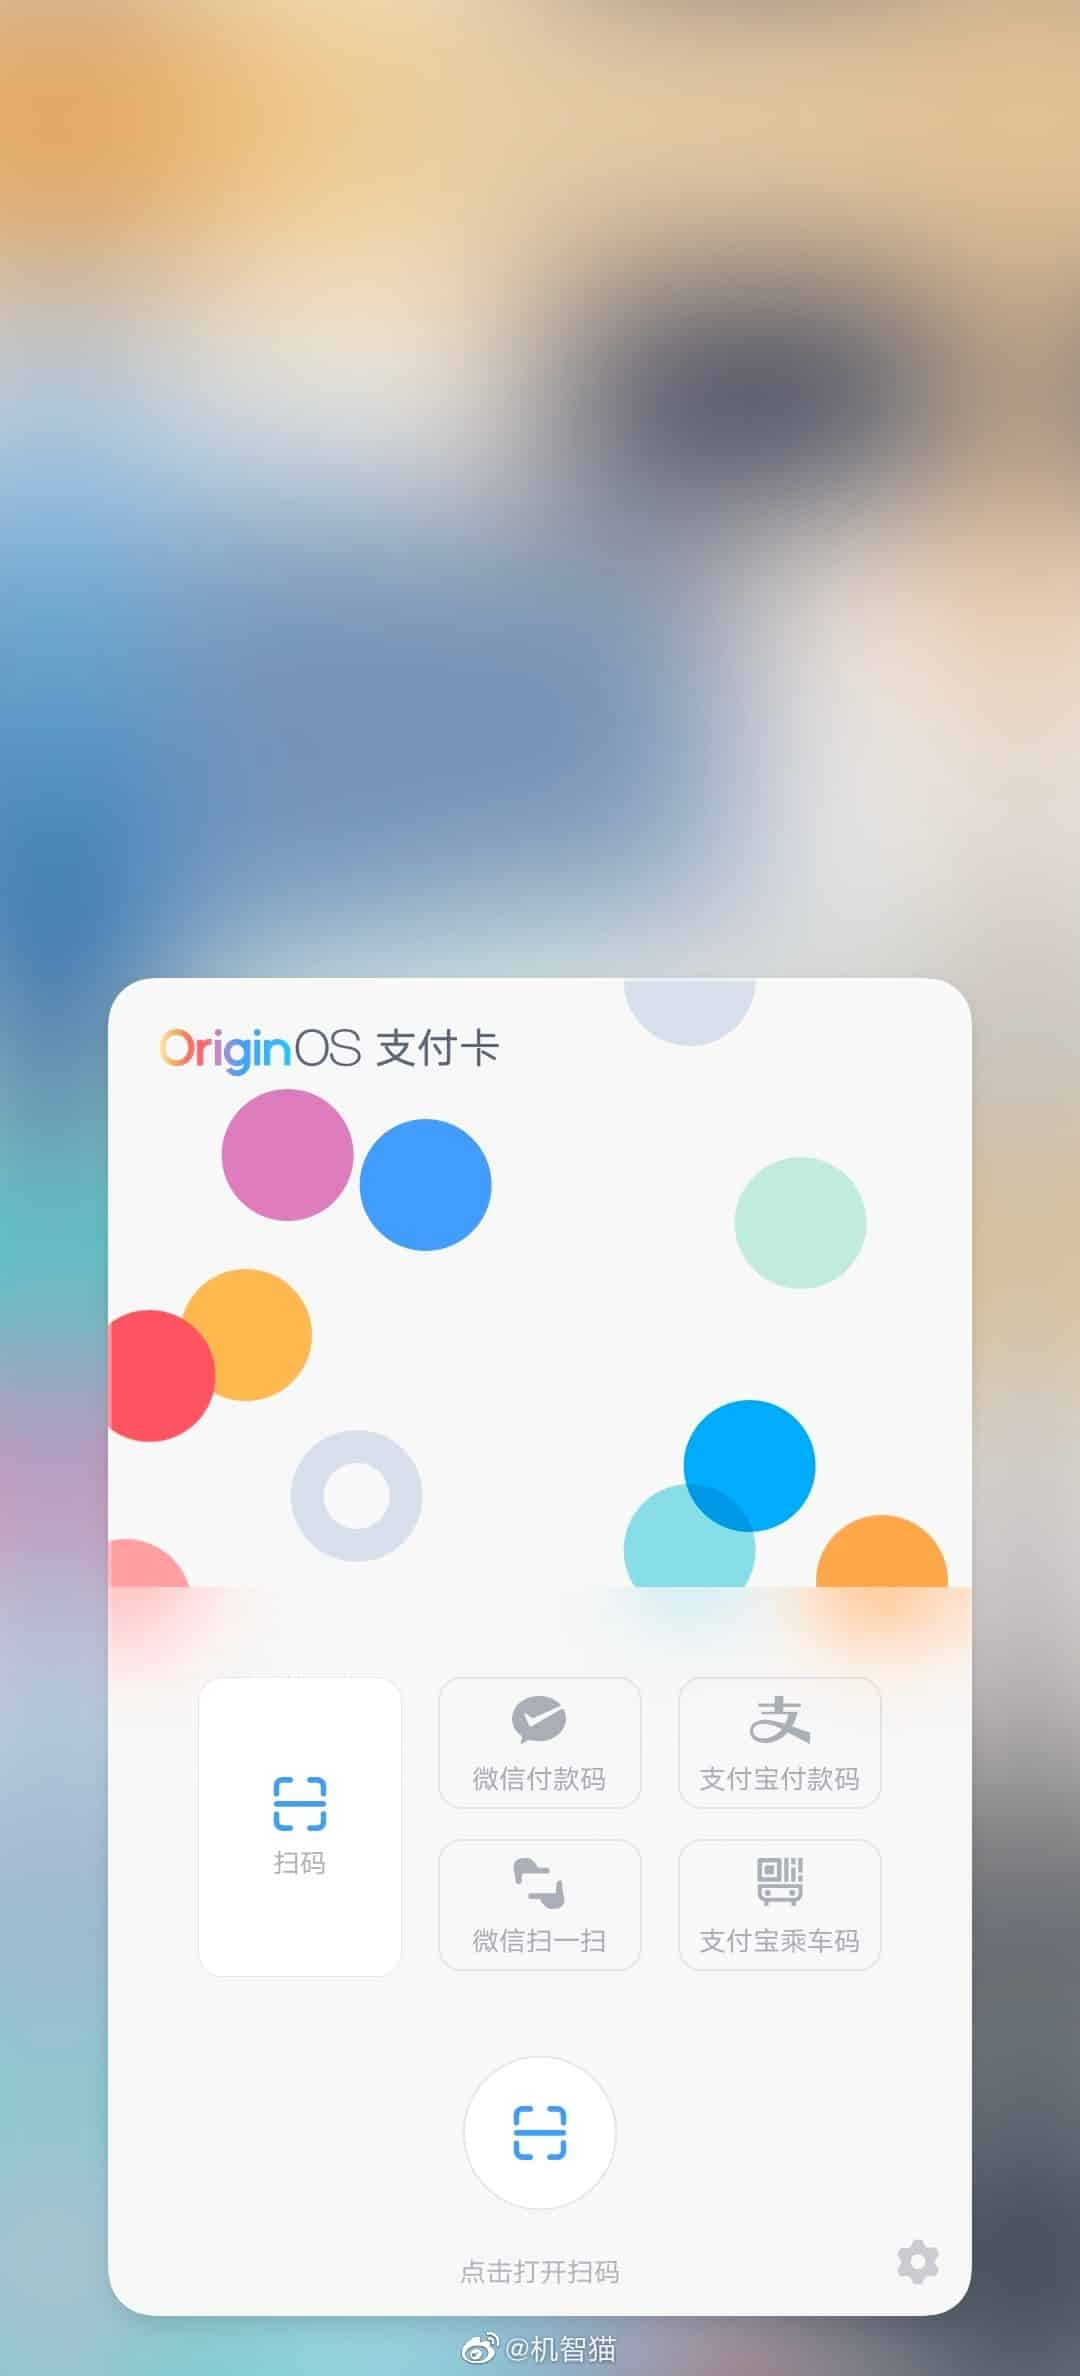 ویوو از رابط کاربری OriginOS رونمایی کرد